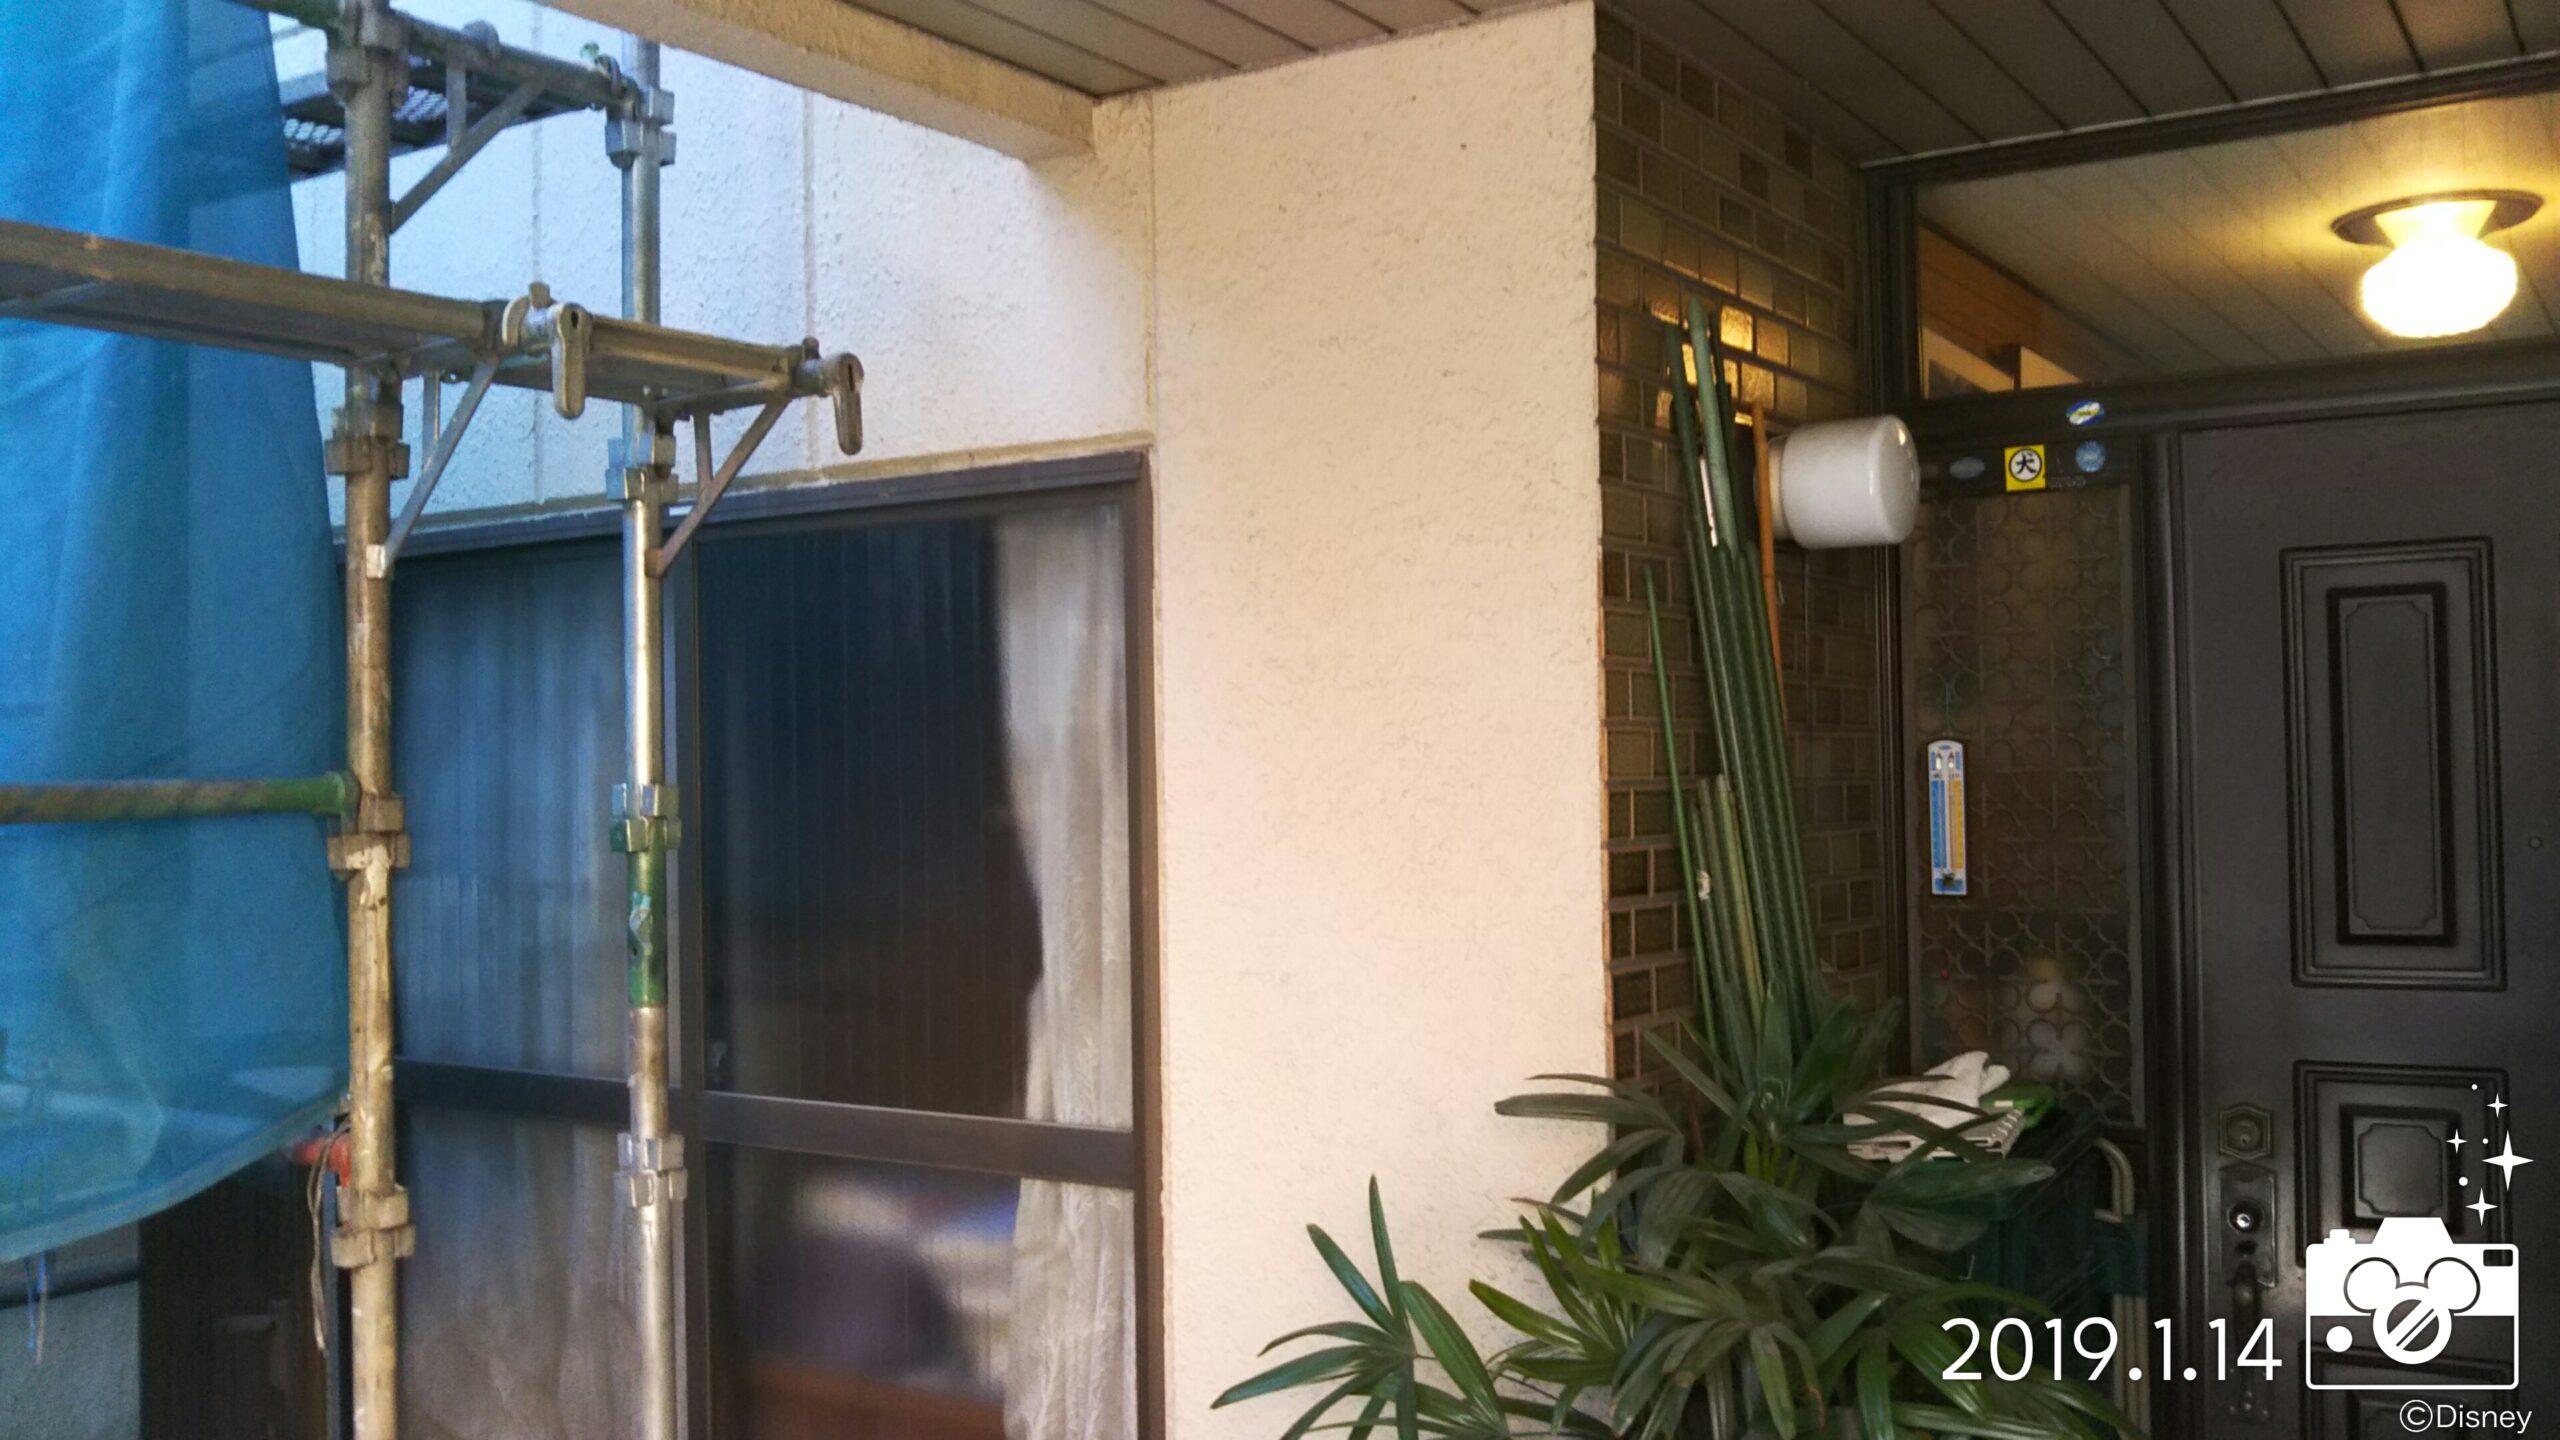 埼玉県さいたま市 外壁塗り替え塗装の養生|さいたま市岩槻区のY様邸(鉄骨3階建て)にて塗り替えリフォーム中